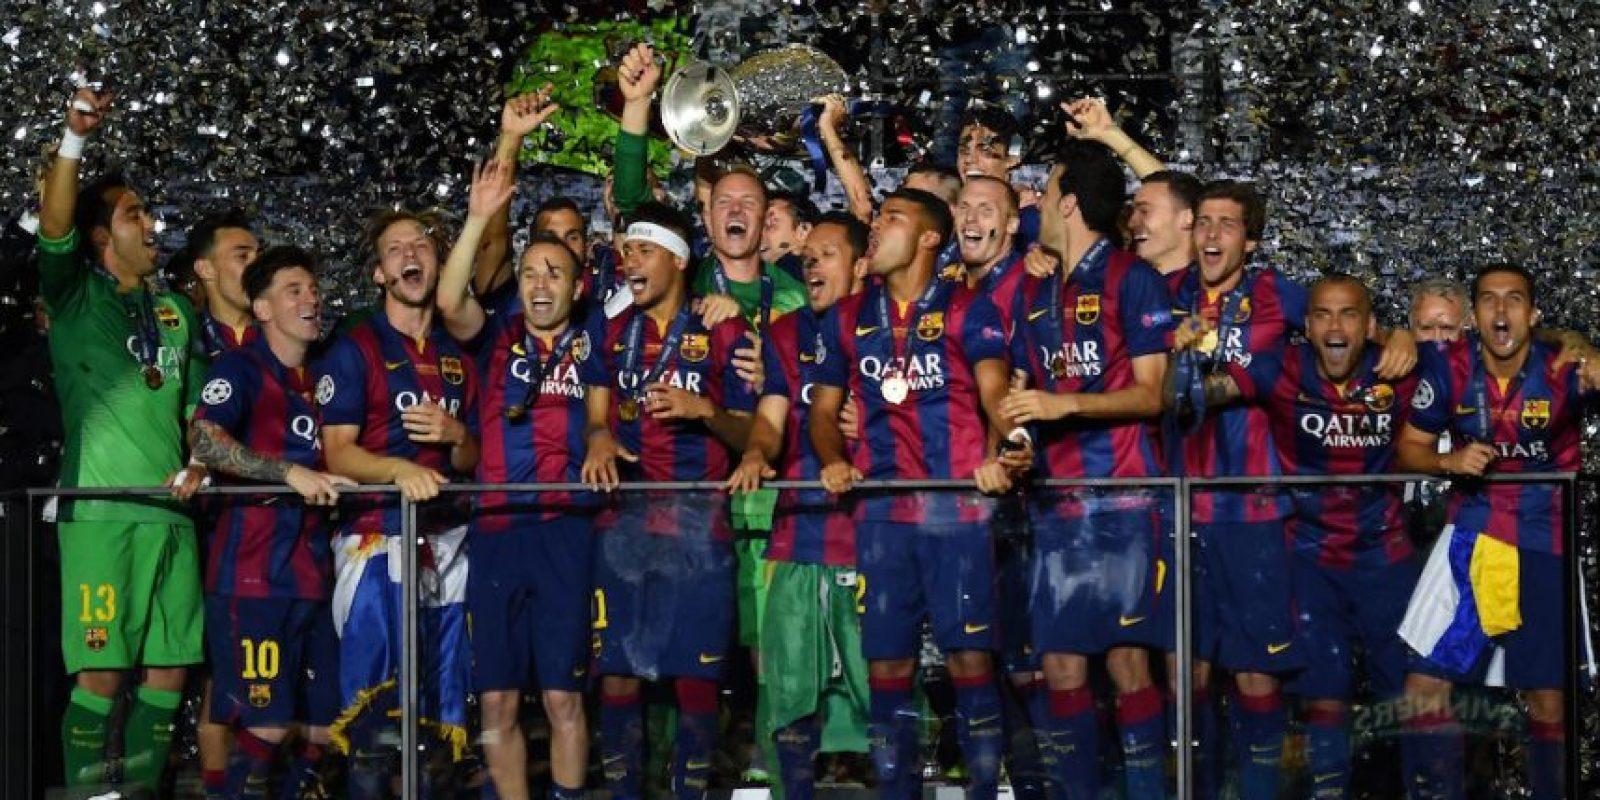 Clasificó por ser el campeón de España. Además, son los vigentes monarcas de la Champions League. Foto:Getty Images